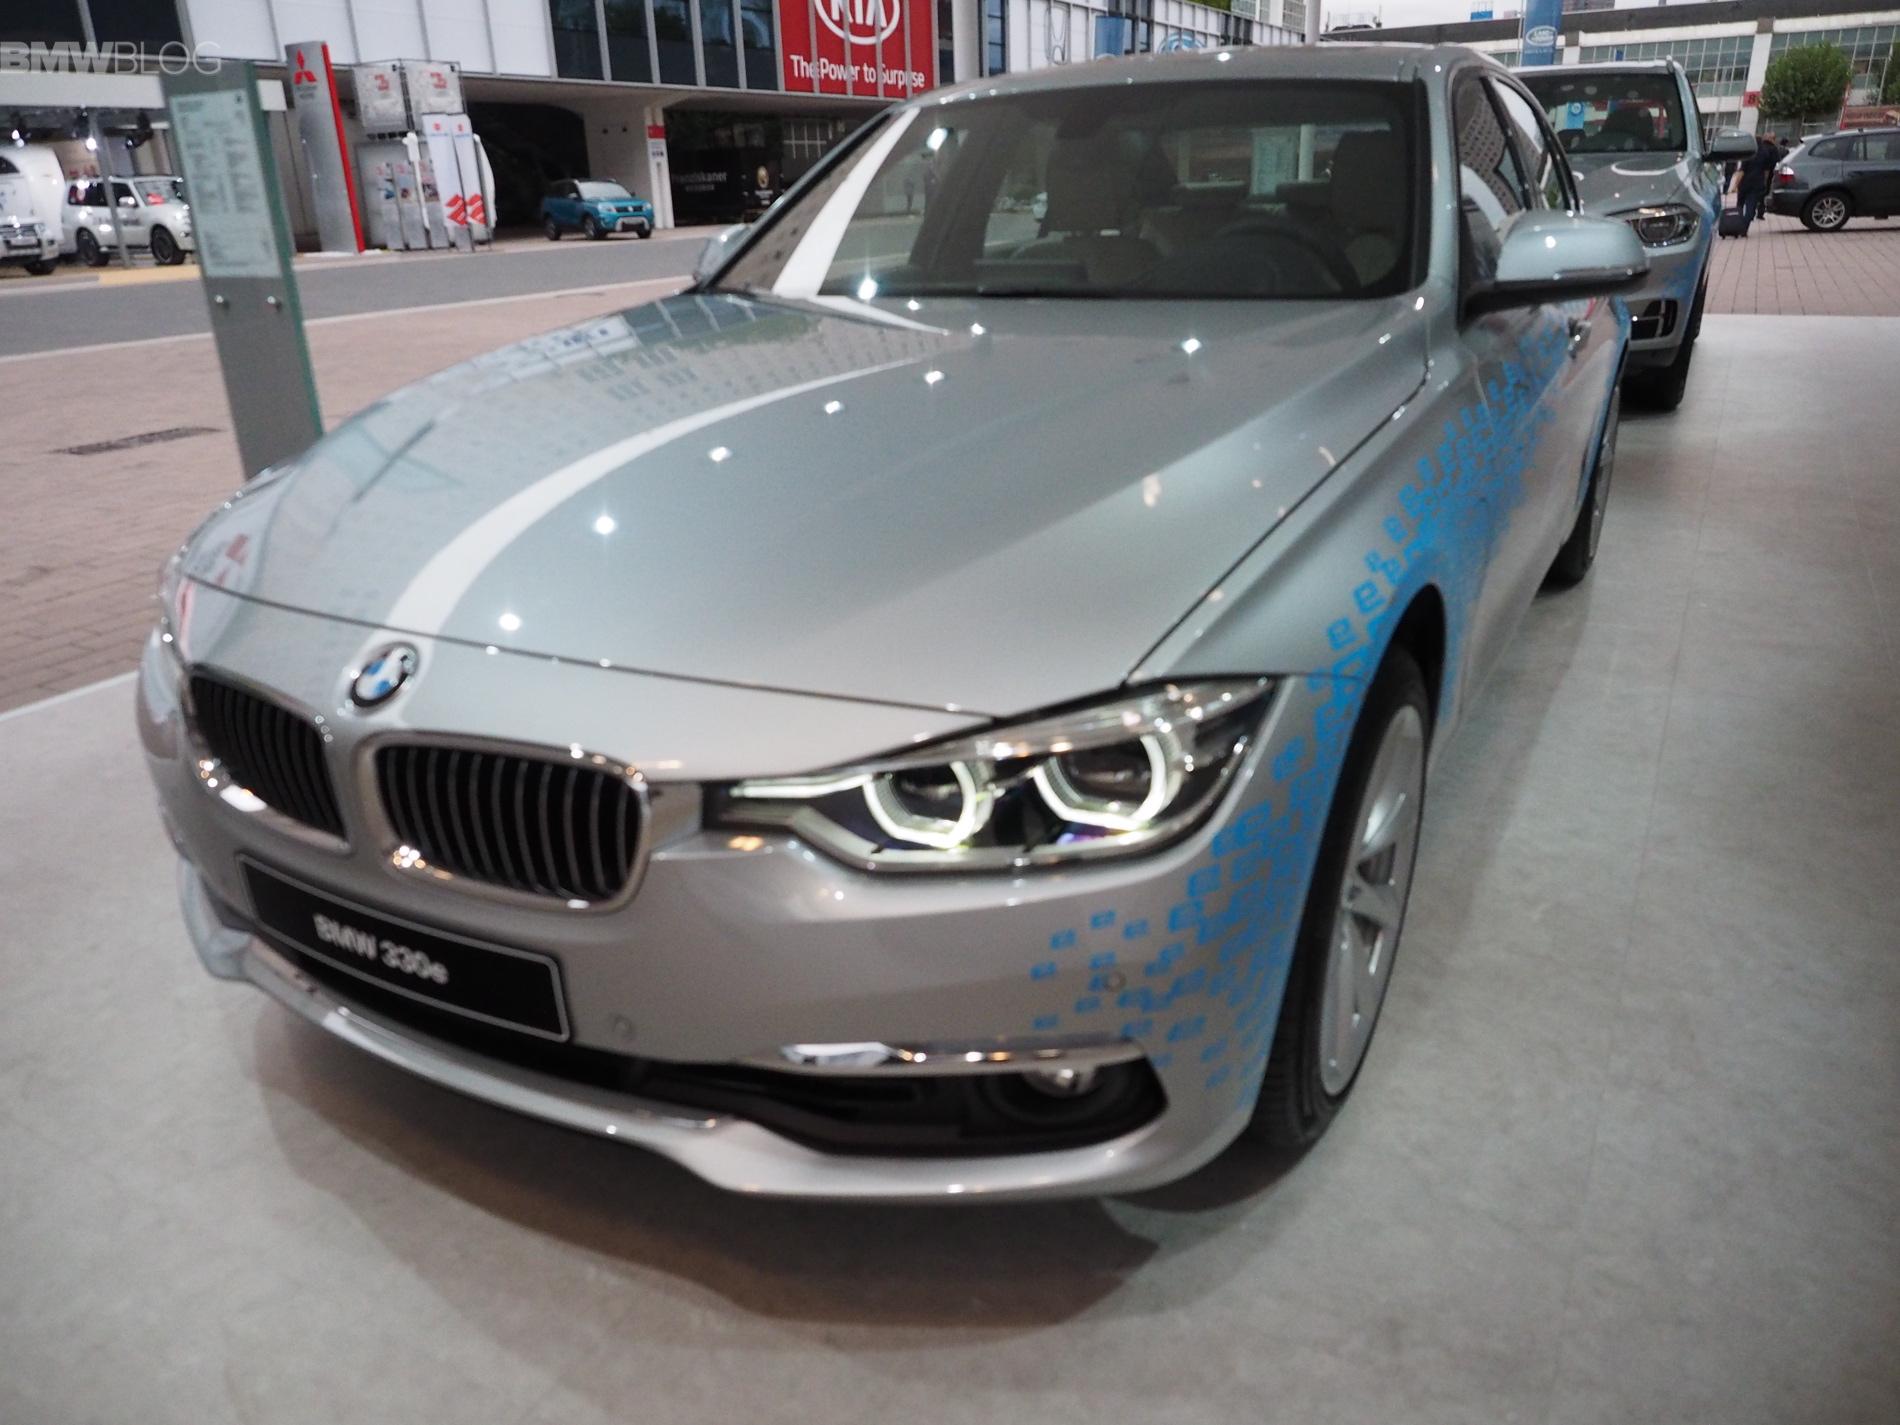 BMW 330e images 1900x1200 10